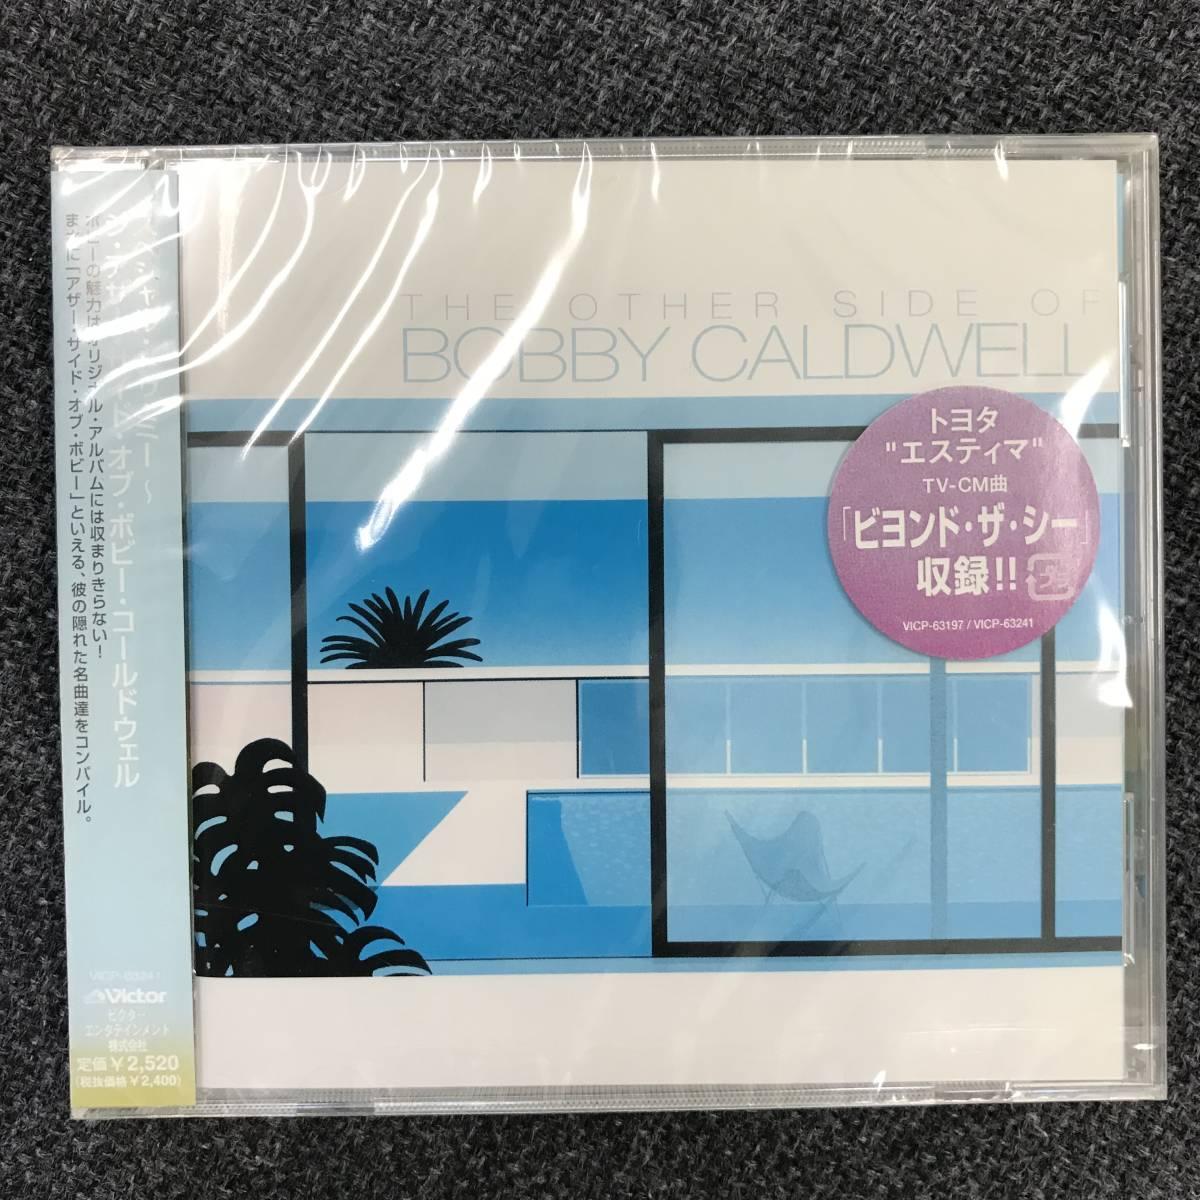 新品未開封CD☆ボビー・コールドウェル SPECIAL TO ME~THE OTHER SIDE OF BOBBY CALDWELL~/ VICP63241